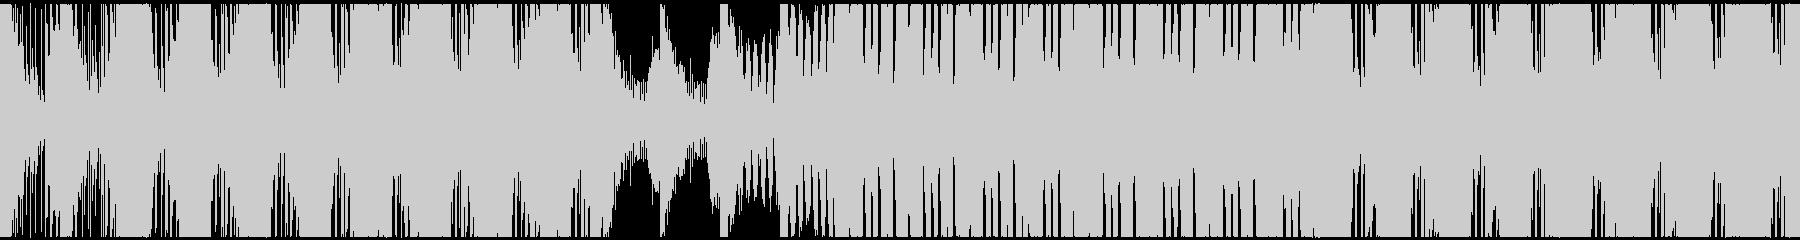 【ループ対応】アクション映画トレーラー風の未再生の波形